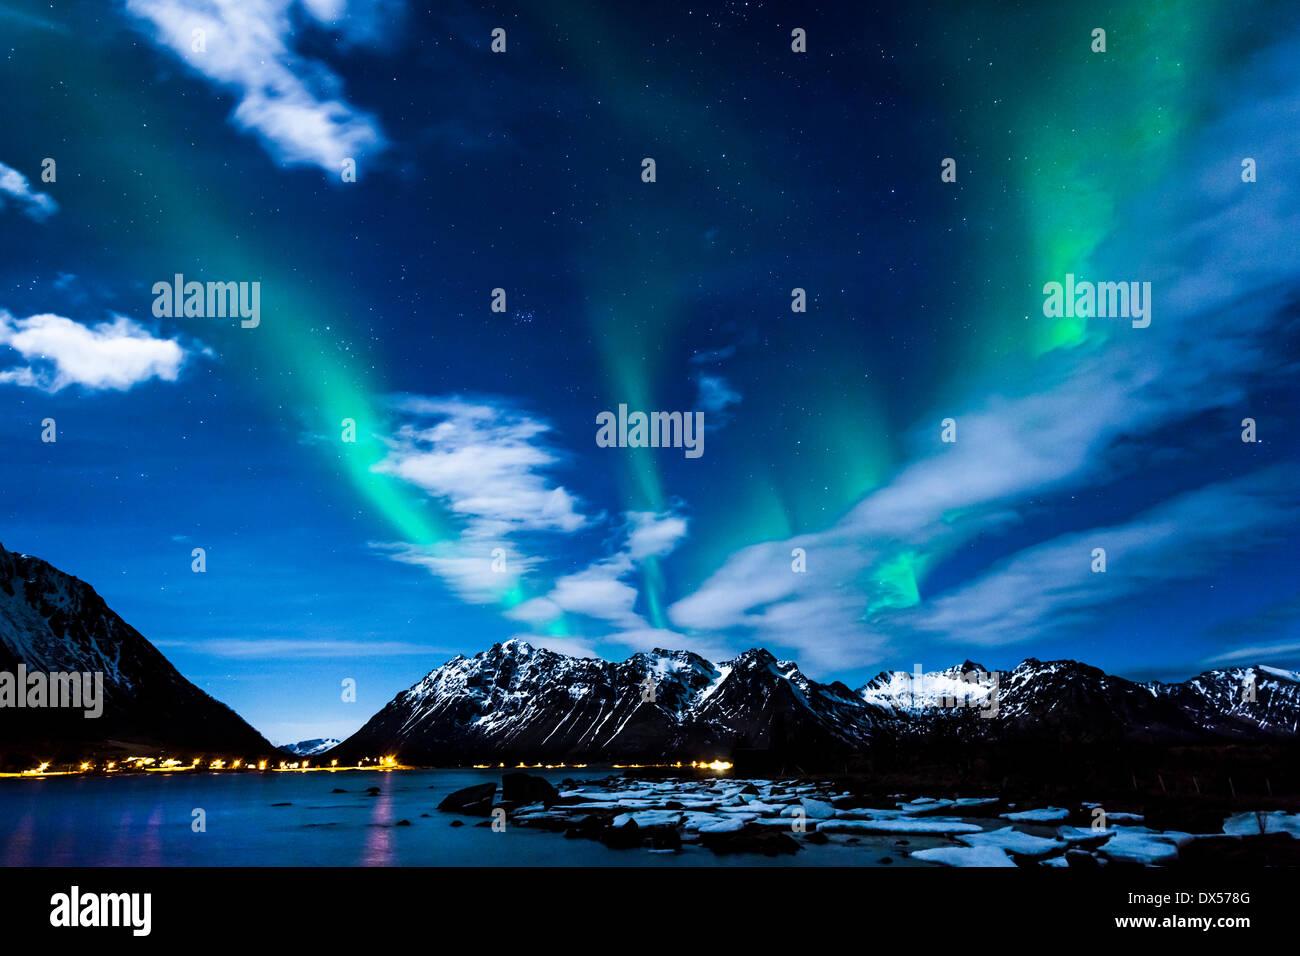 Luci del nord o Aurora Boreale, sulla costa di Gimsøy, Gimsøya, Lofoten, Norvegia Immagini Stock